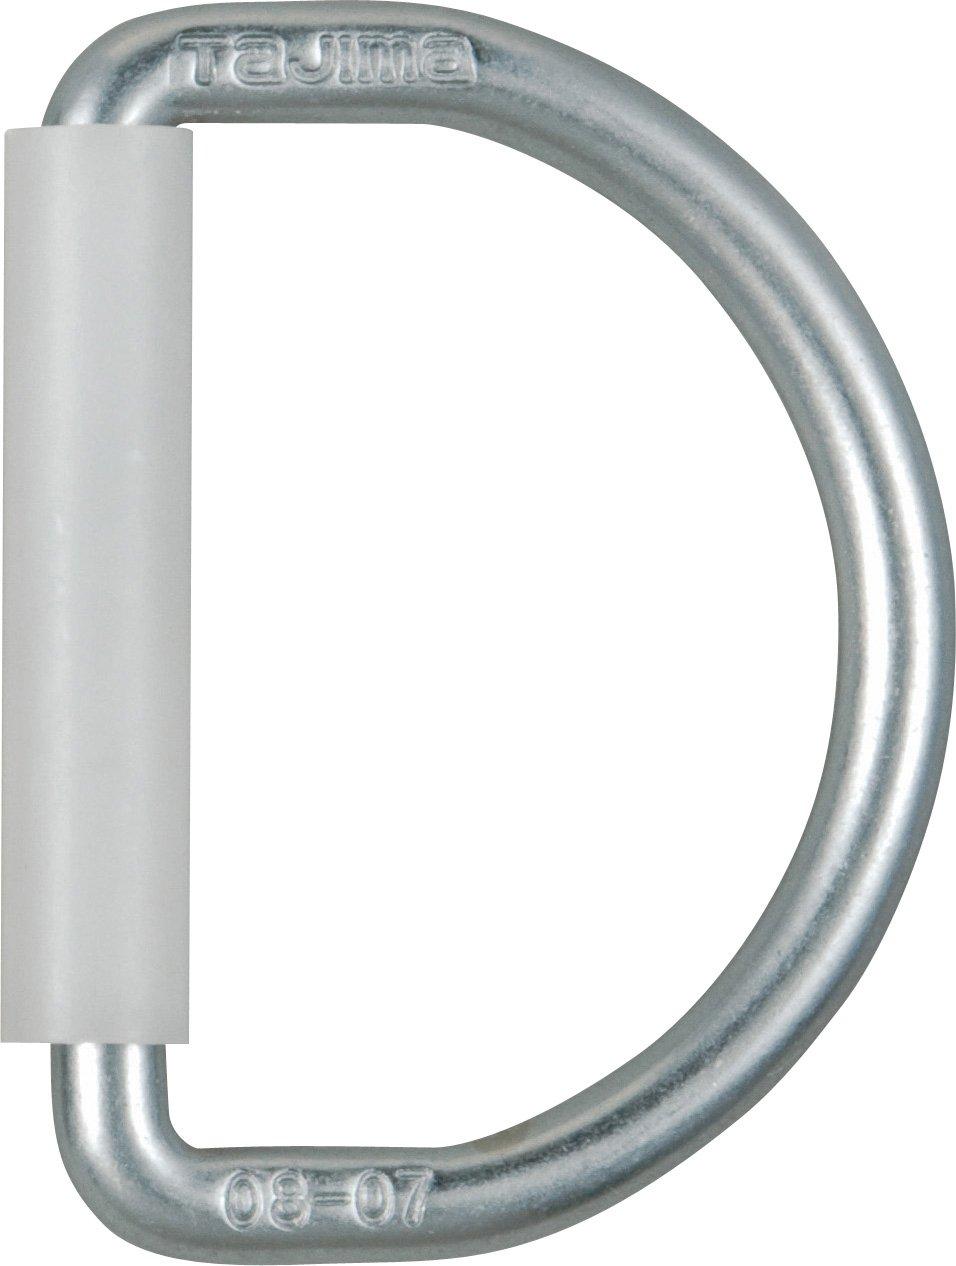 タジマ 安全帯 D環シルバー ベルト幅50mm用 TA-D1